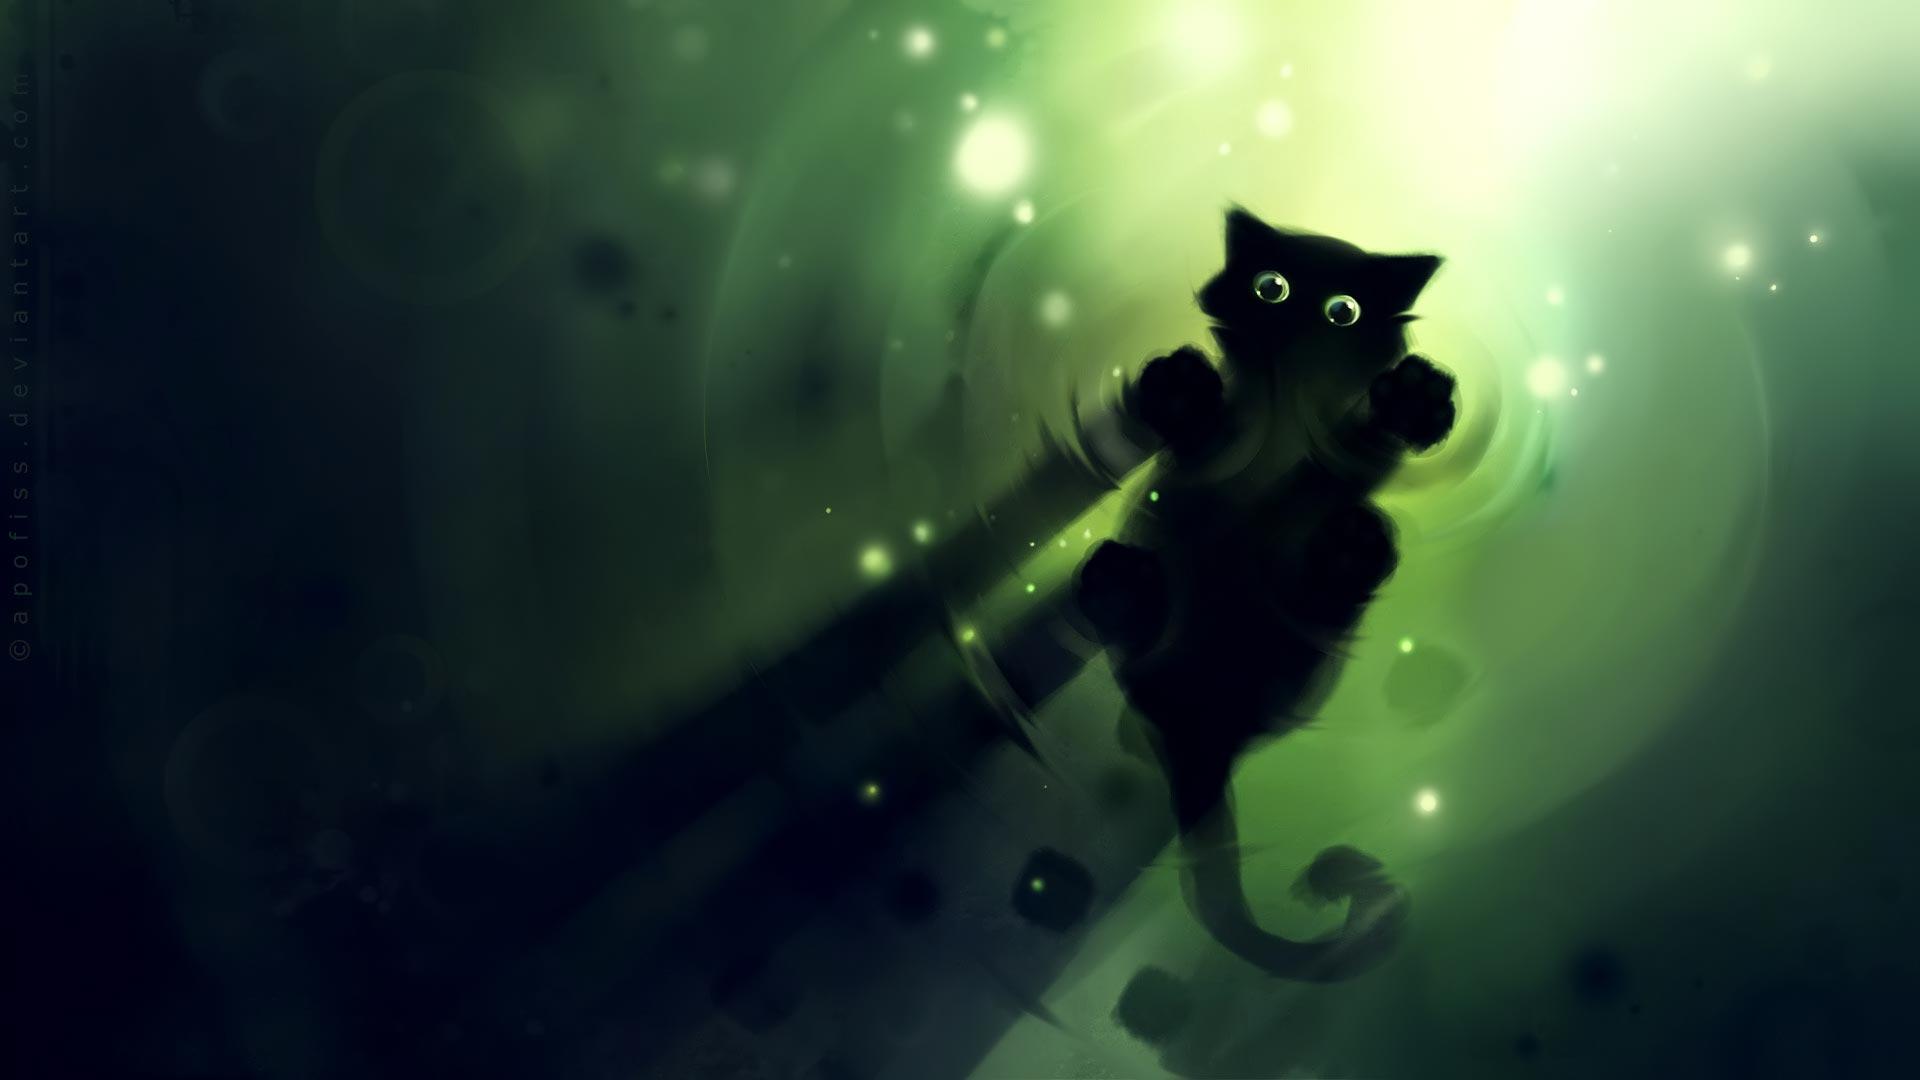 wallpaper desktop kitten nocturnal 1920x1080